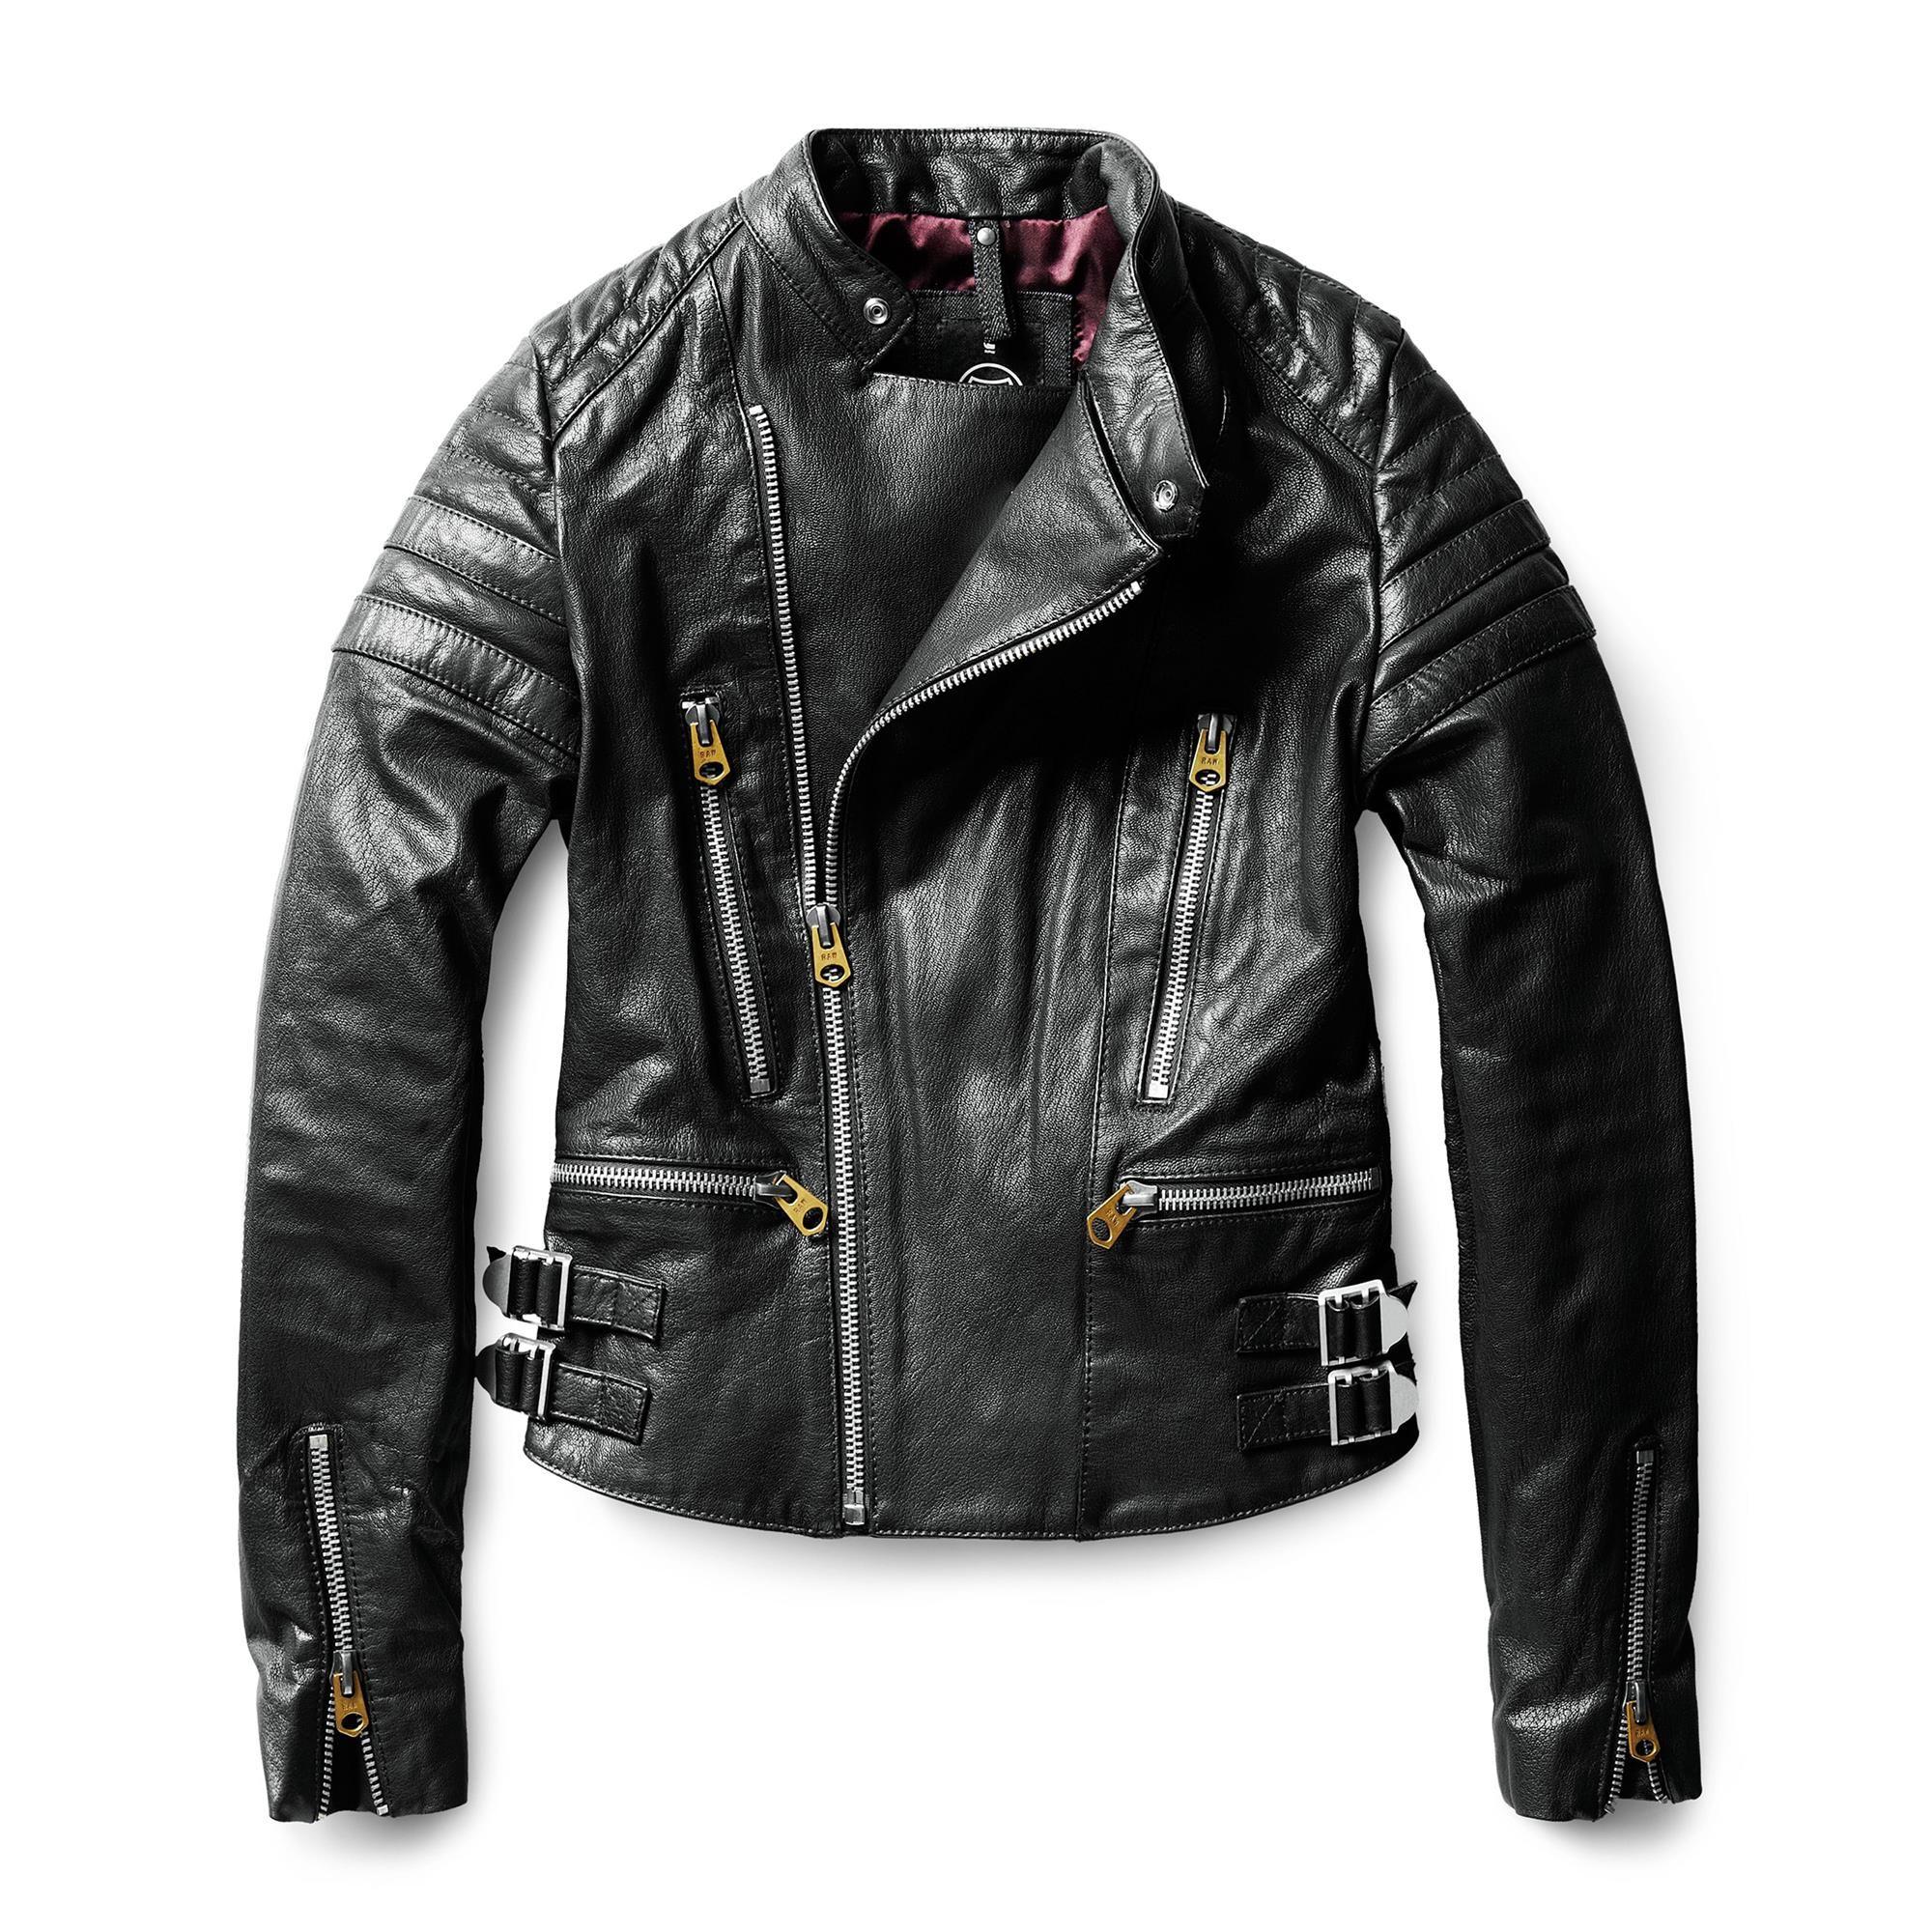 Biker Solid Leather Slim Jacket Black G Star Raw Black Biker Jacket G Star Jackets [ 2000 x 2000 Pixel ]